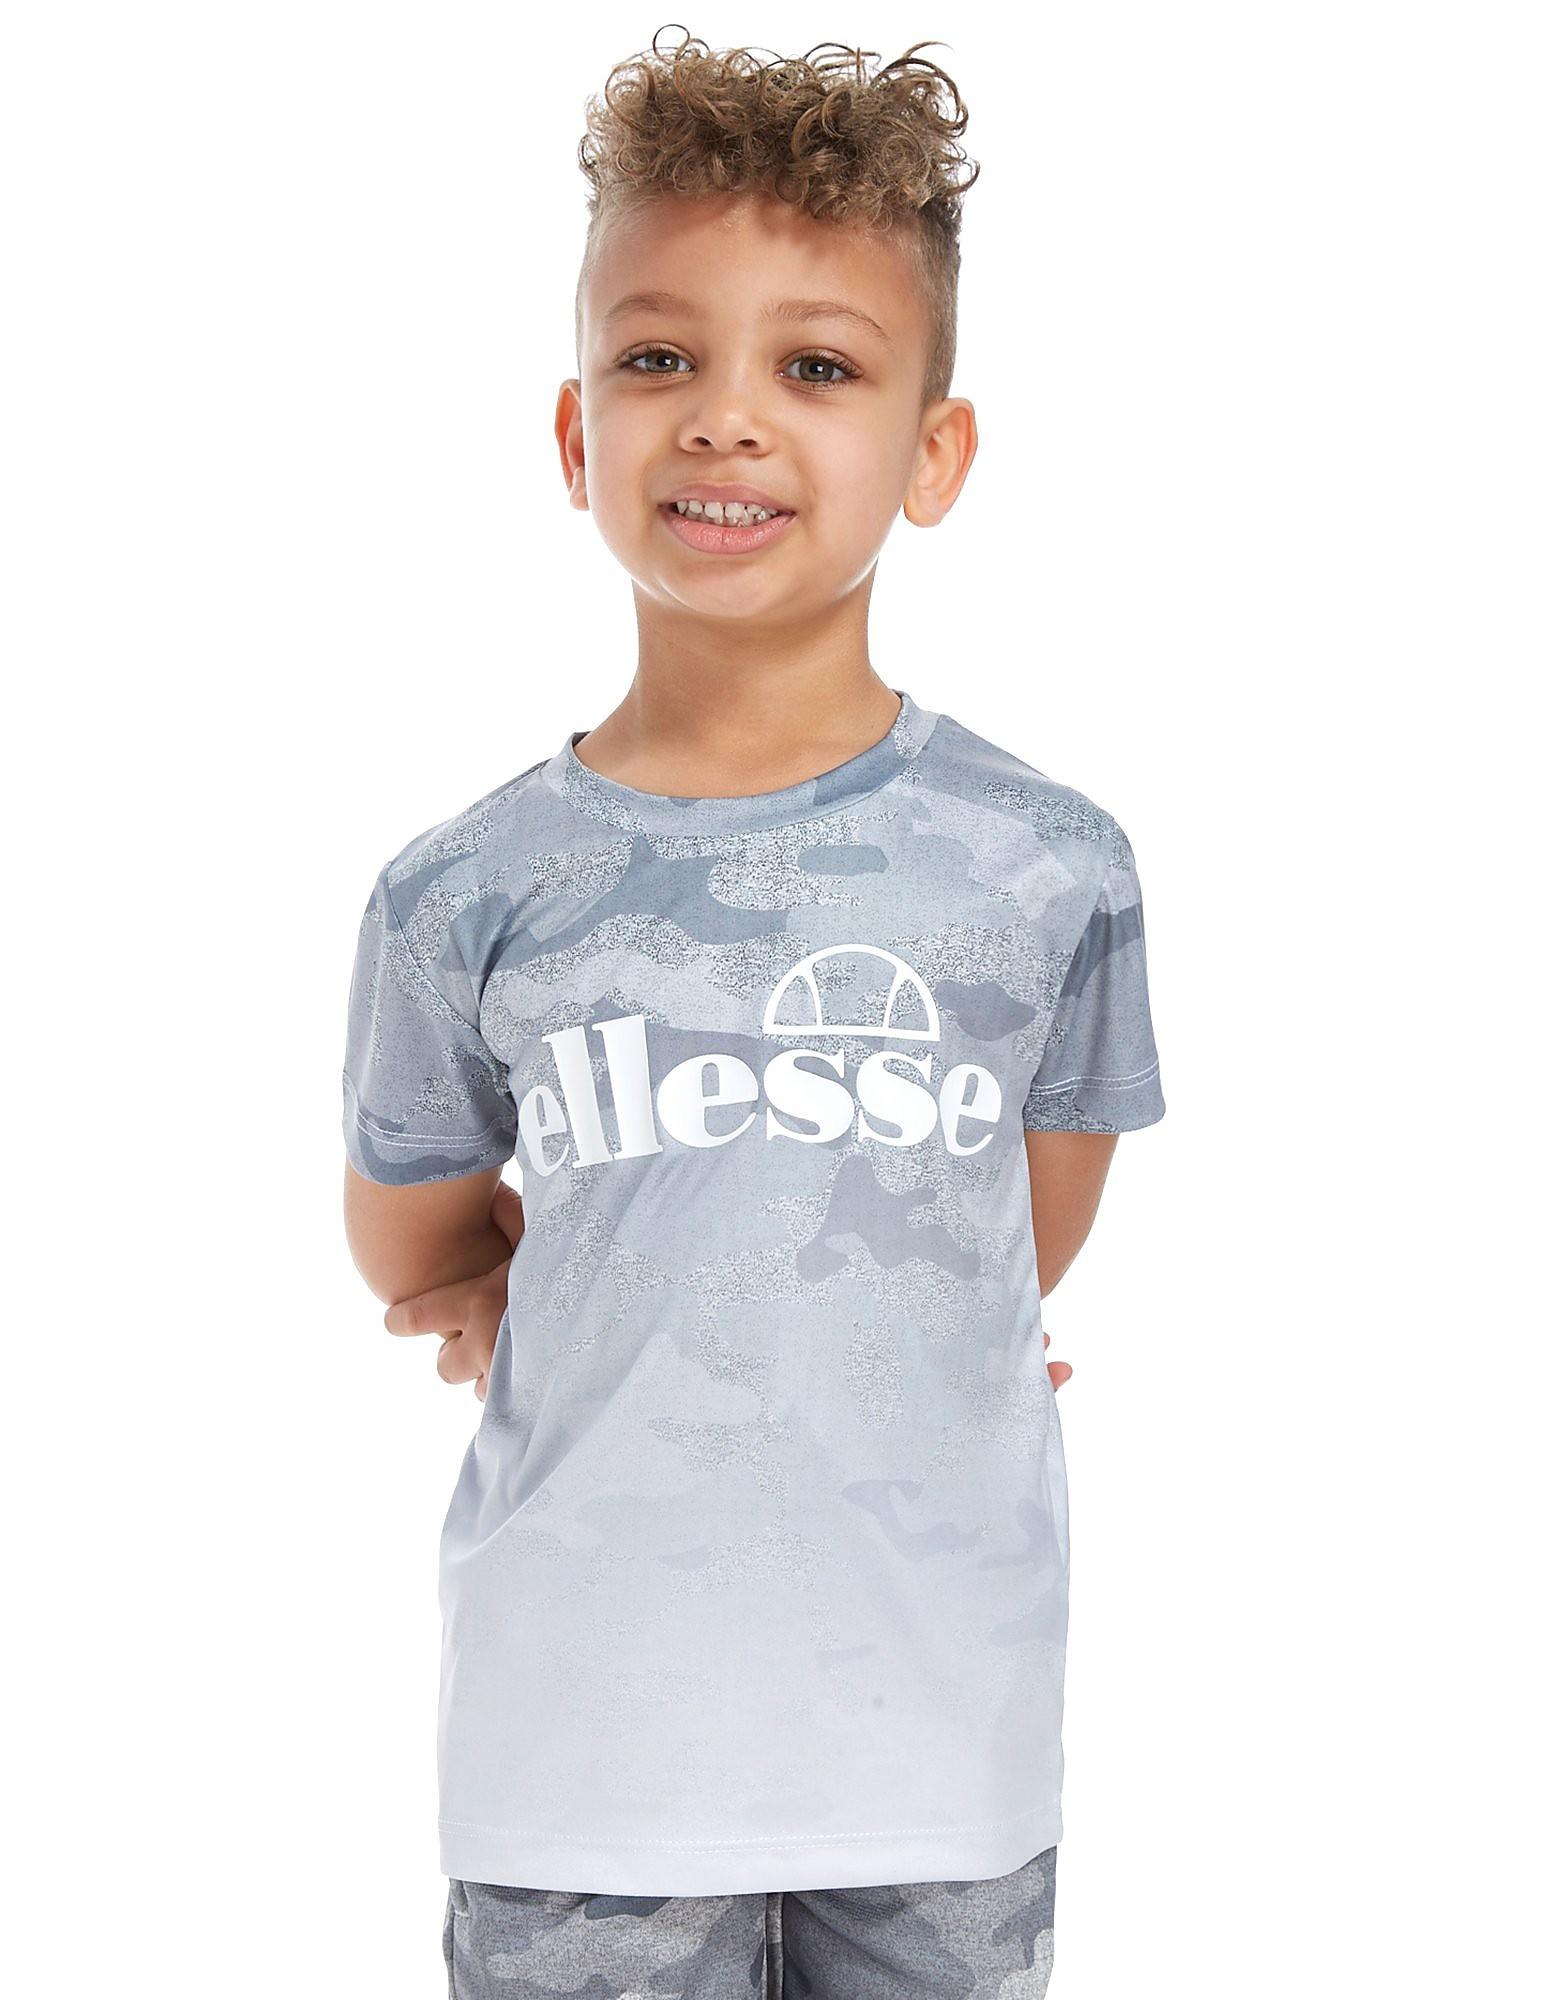 Ellesse Puccio Fade Camo T-Shirt Children